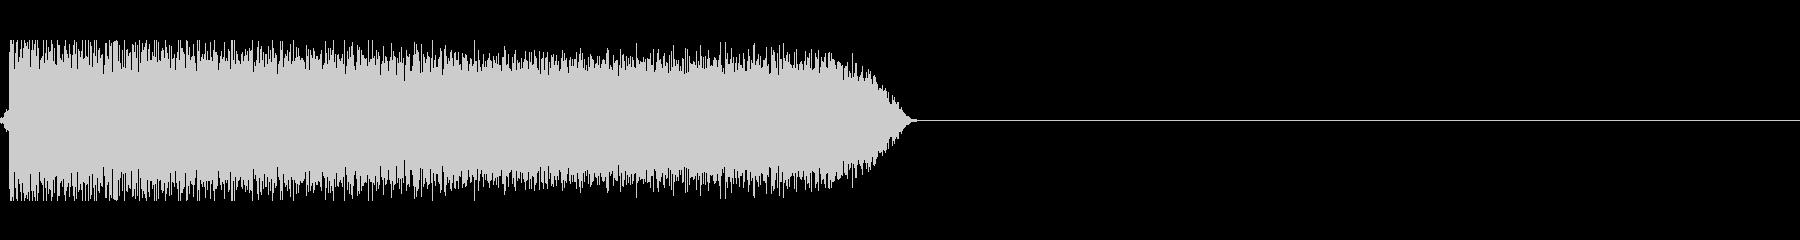 トーンシンセサイザーの未再生の波形